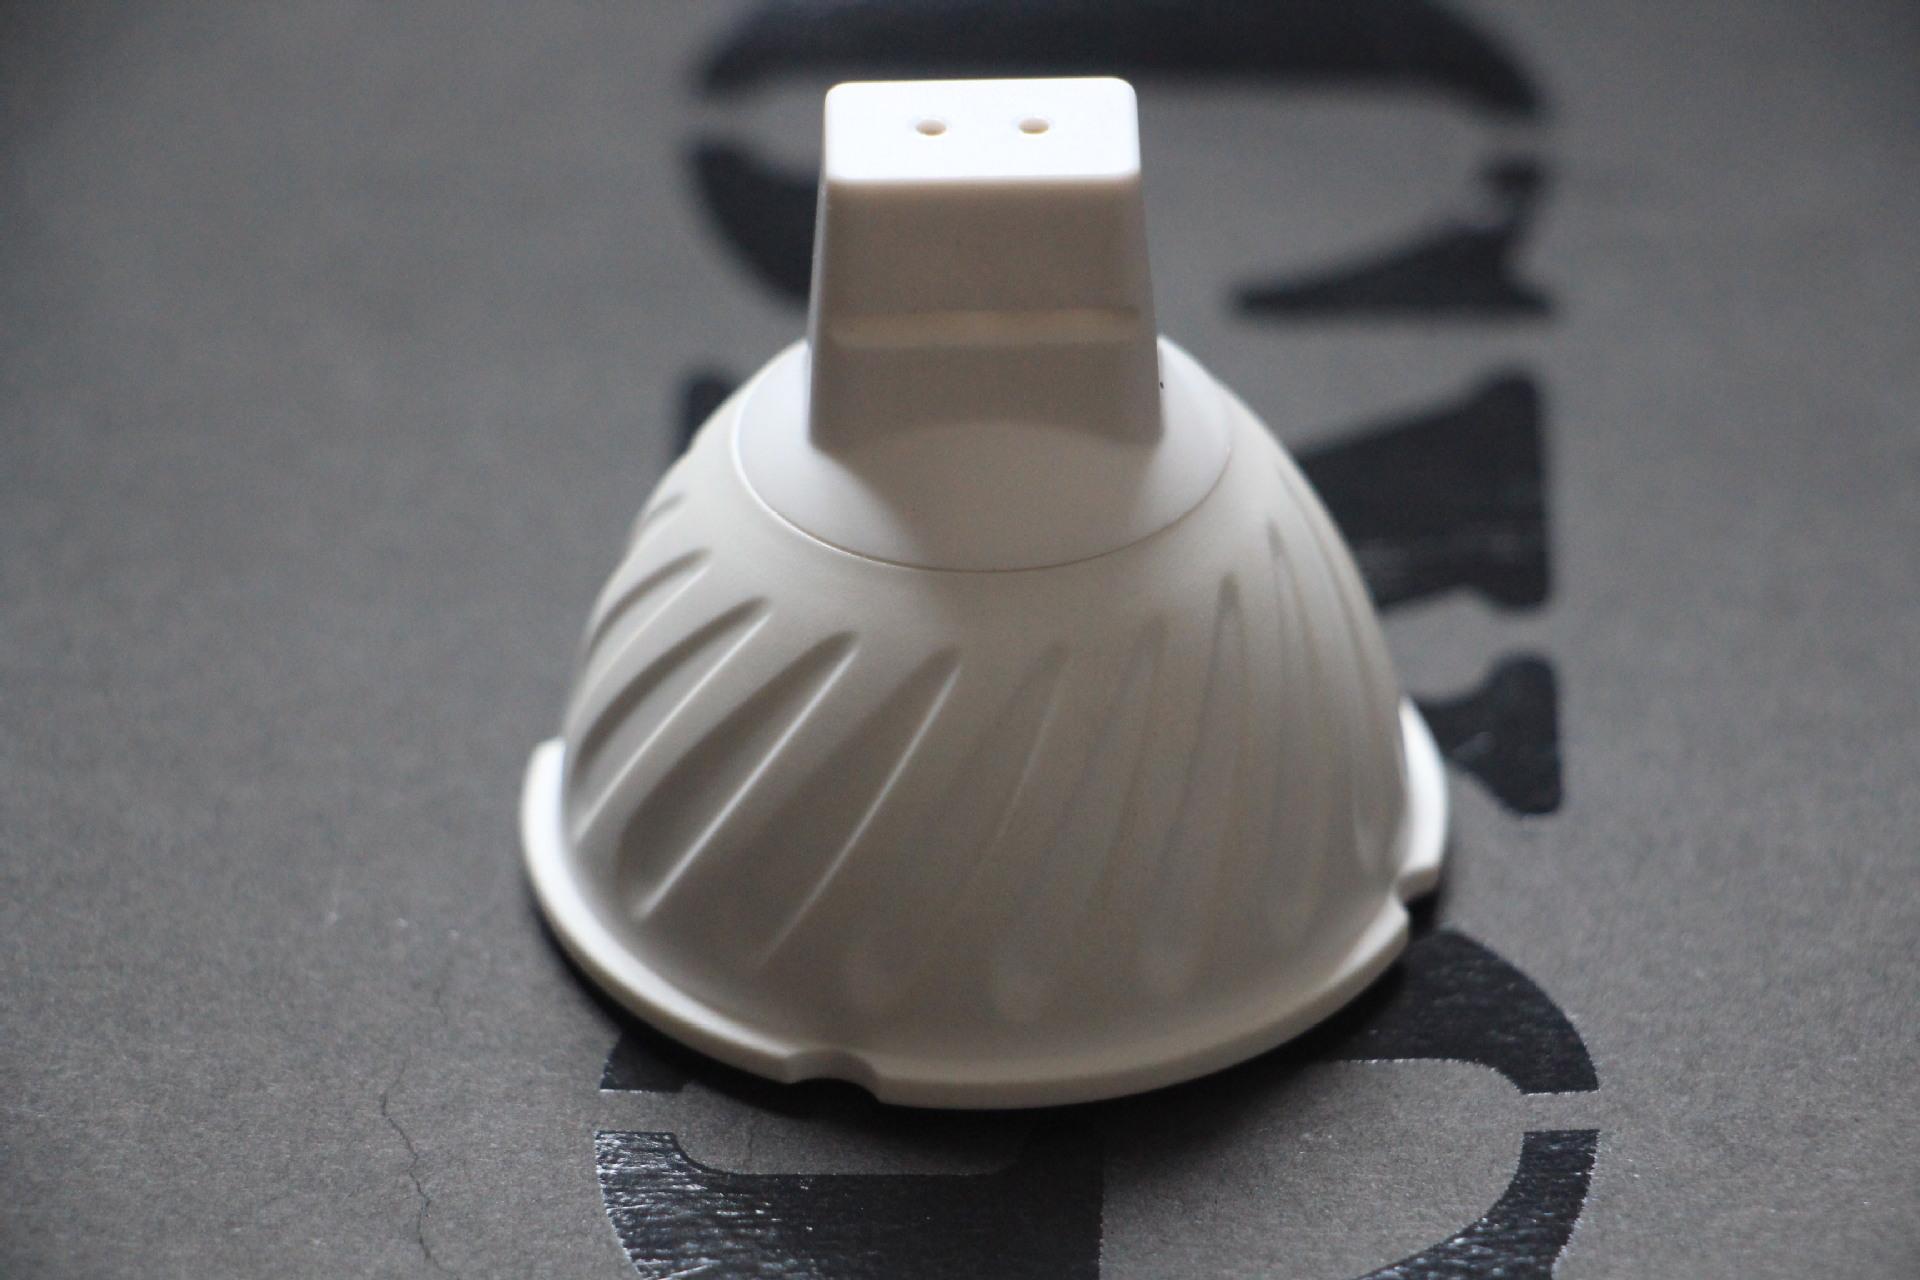 MR16-TS屯山 LED灯杯 陶瓷灯杯 COB塑包铝射灯 5W 风型 花